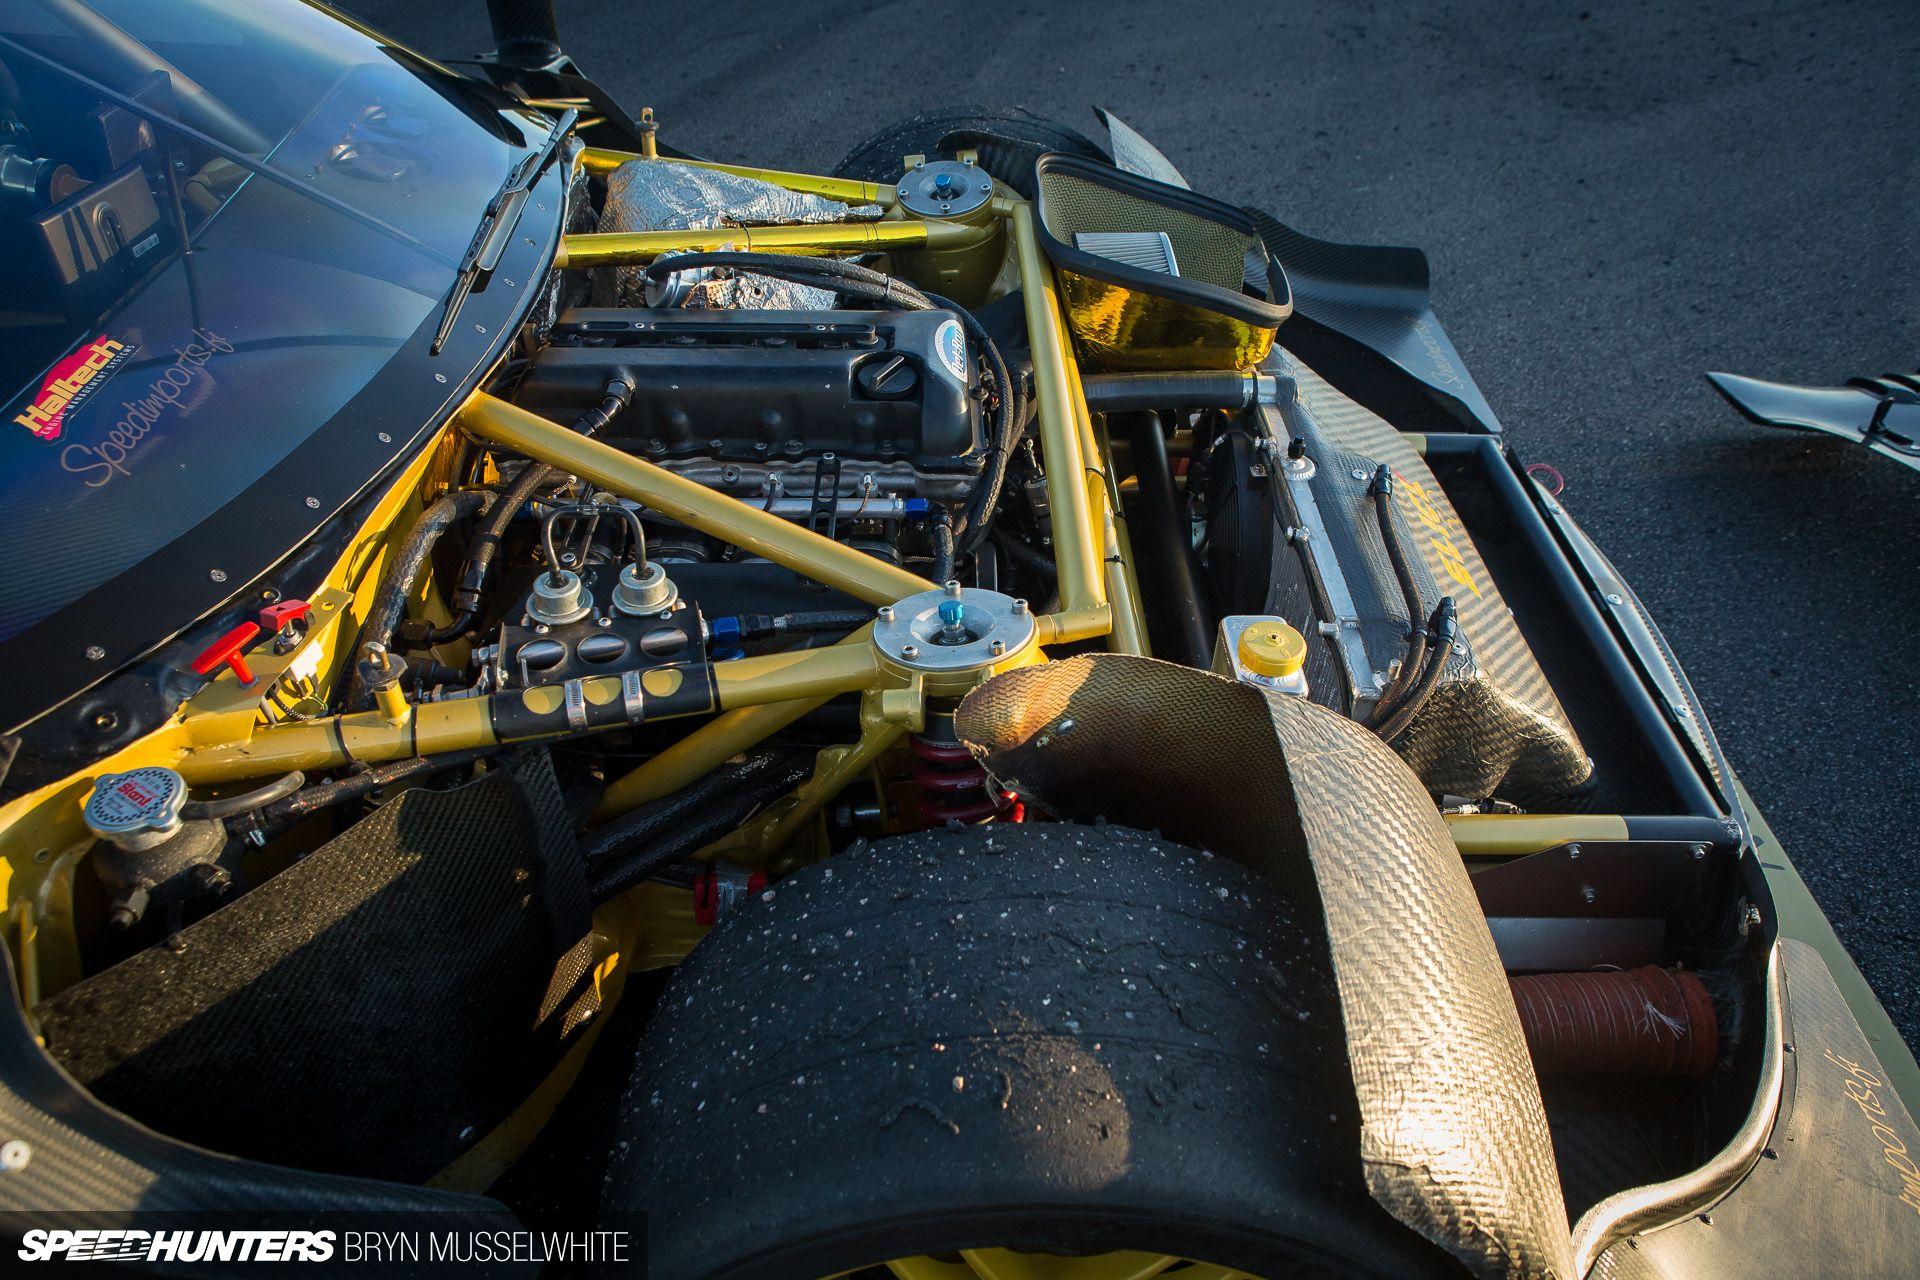 Valtonen-RX7-carbon-SR20-Gatebil-Mantorp-2014-31.jpg (1920×1280)